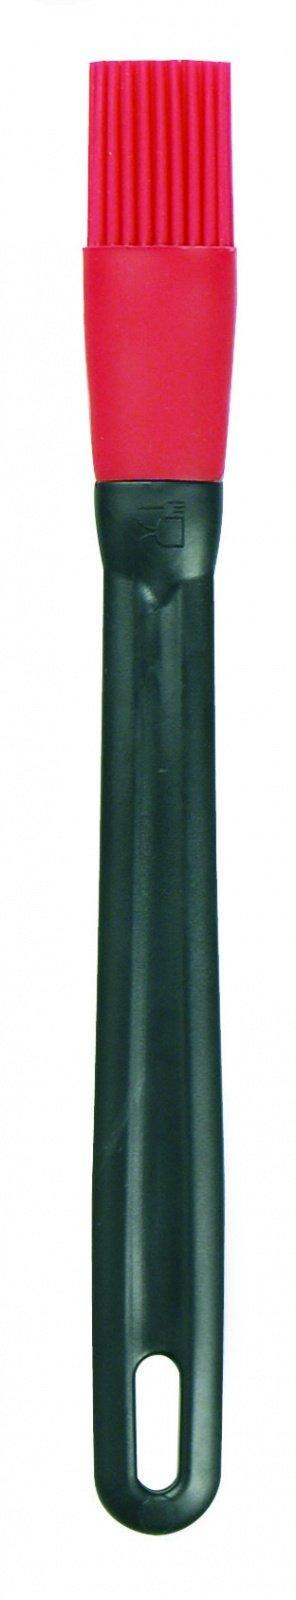 Щетка кондитерская силиконовая Lekue, 25 мм, красная